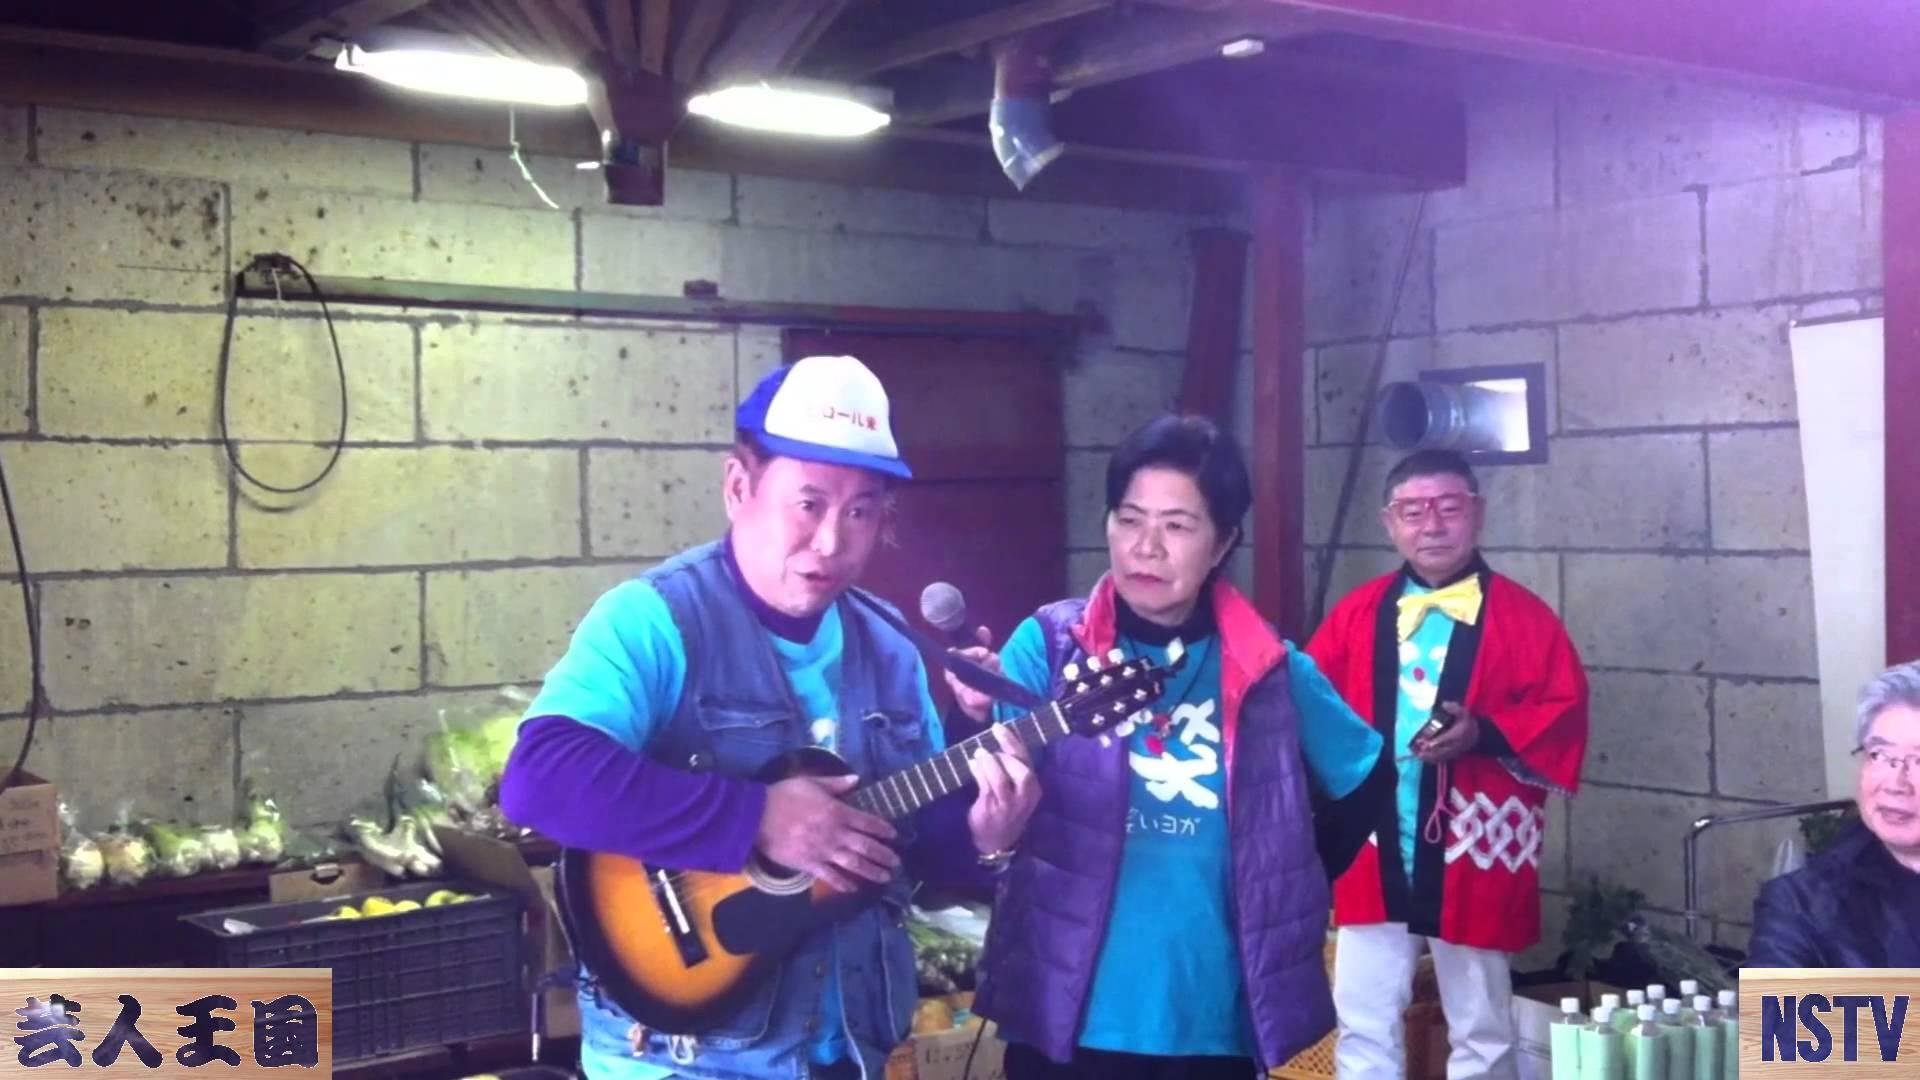 栃木ピロール会主催2014年収穫祭![那須お笑いクラブ]